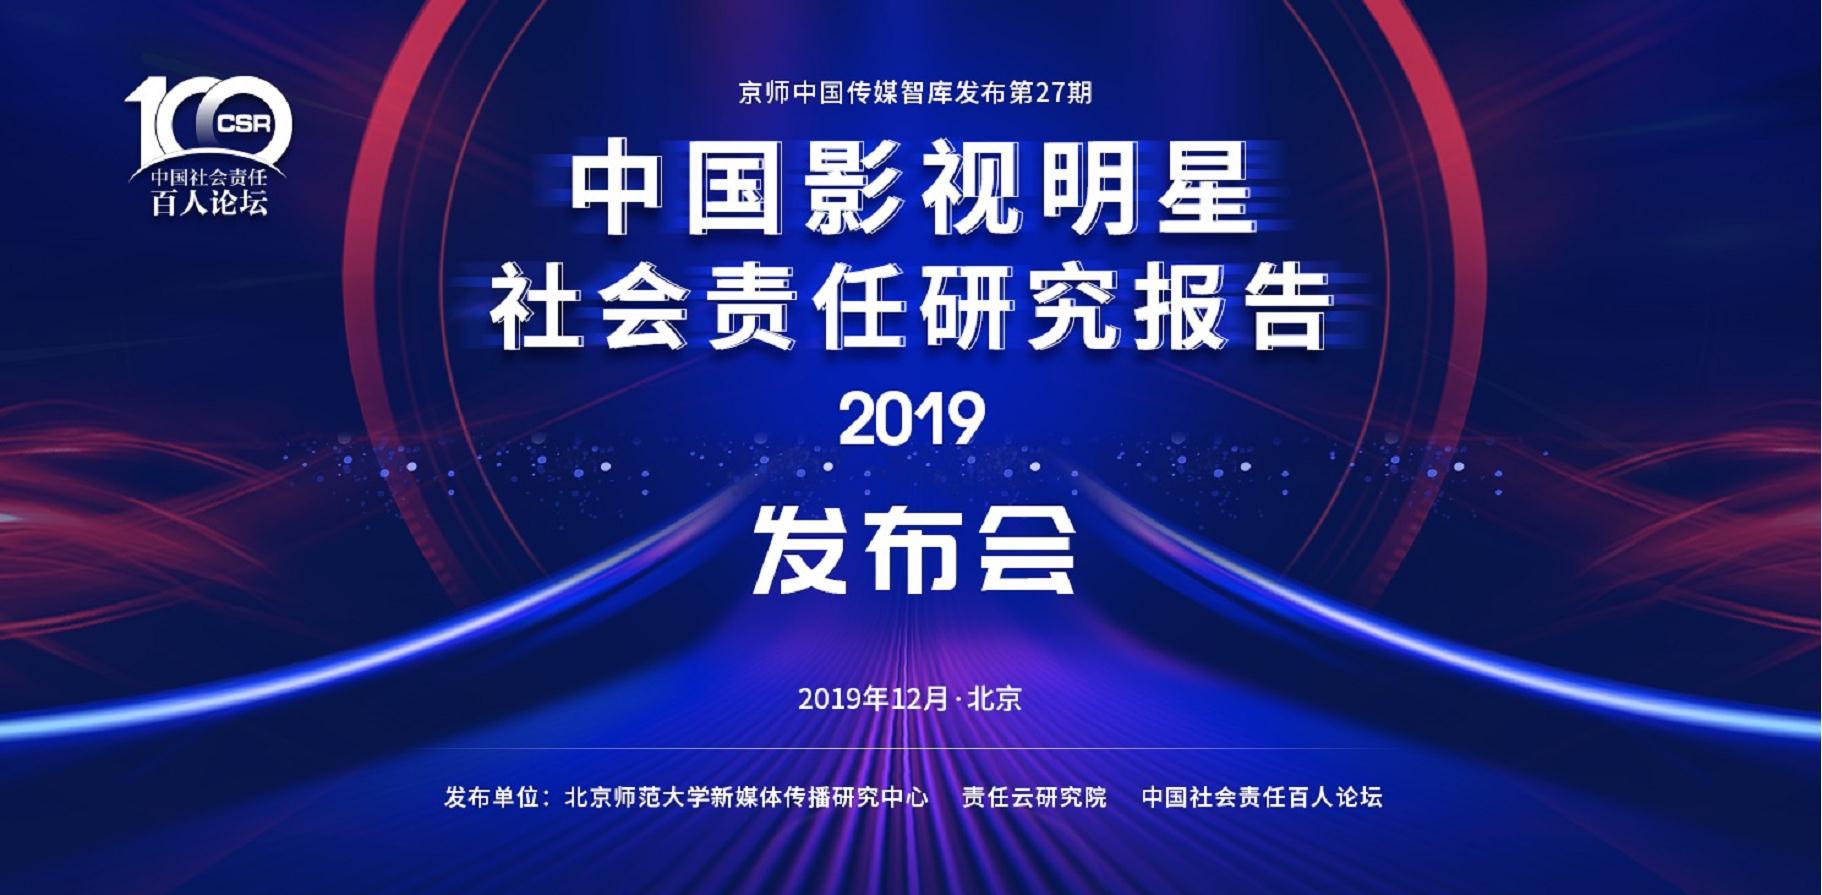 朱一龙、王俊凯、易烊千玺等影视明星公益社会带动力位居前三